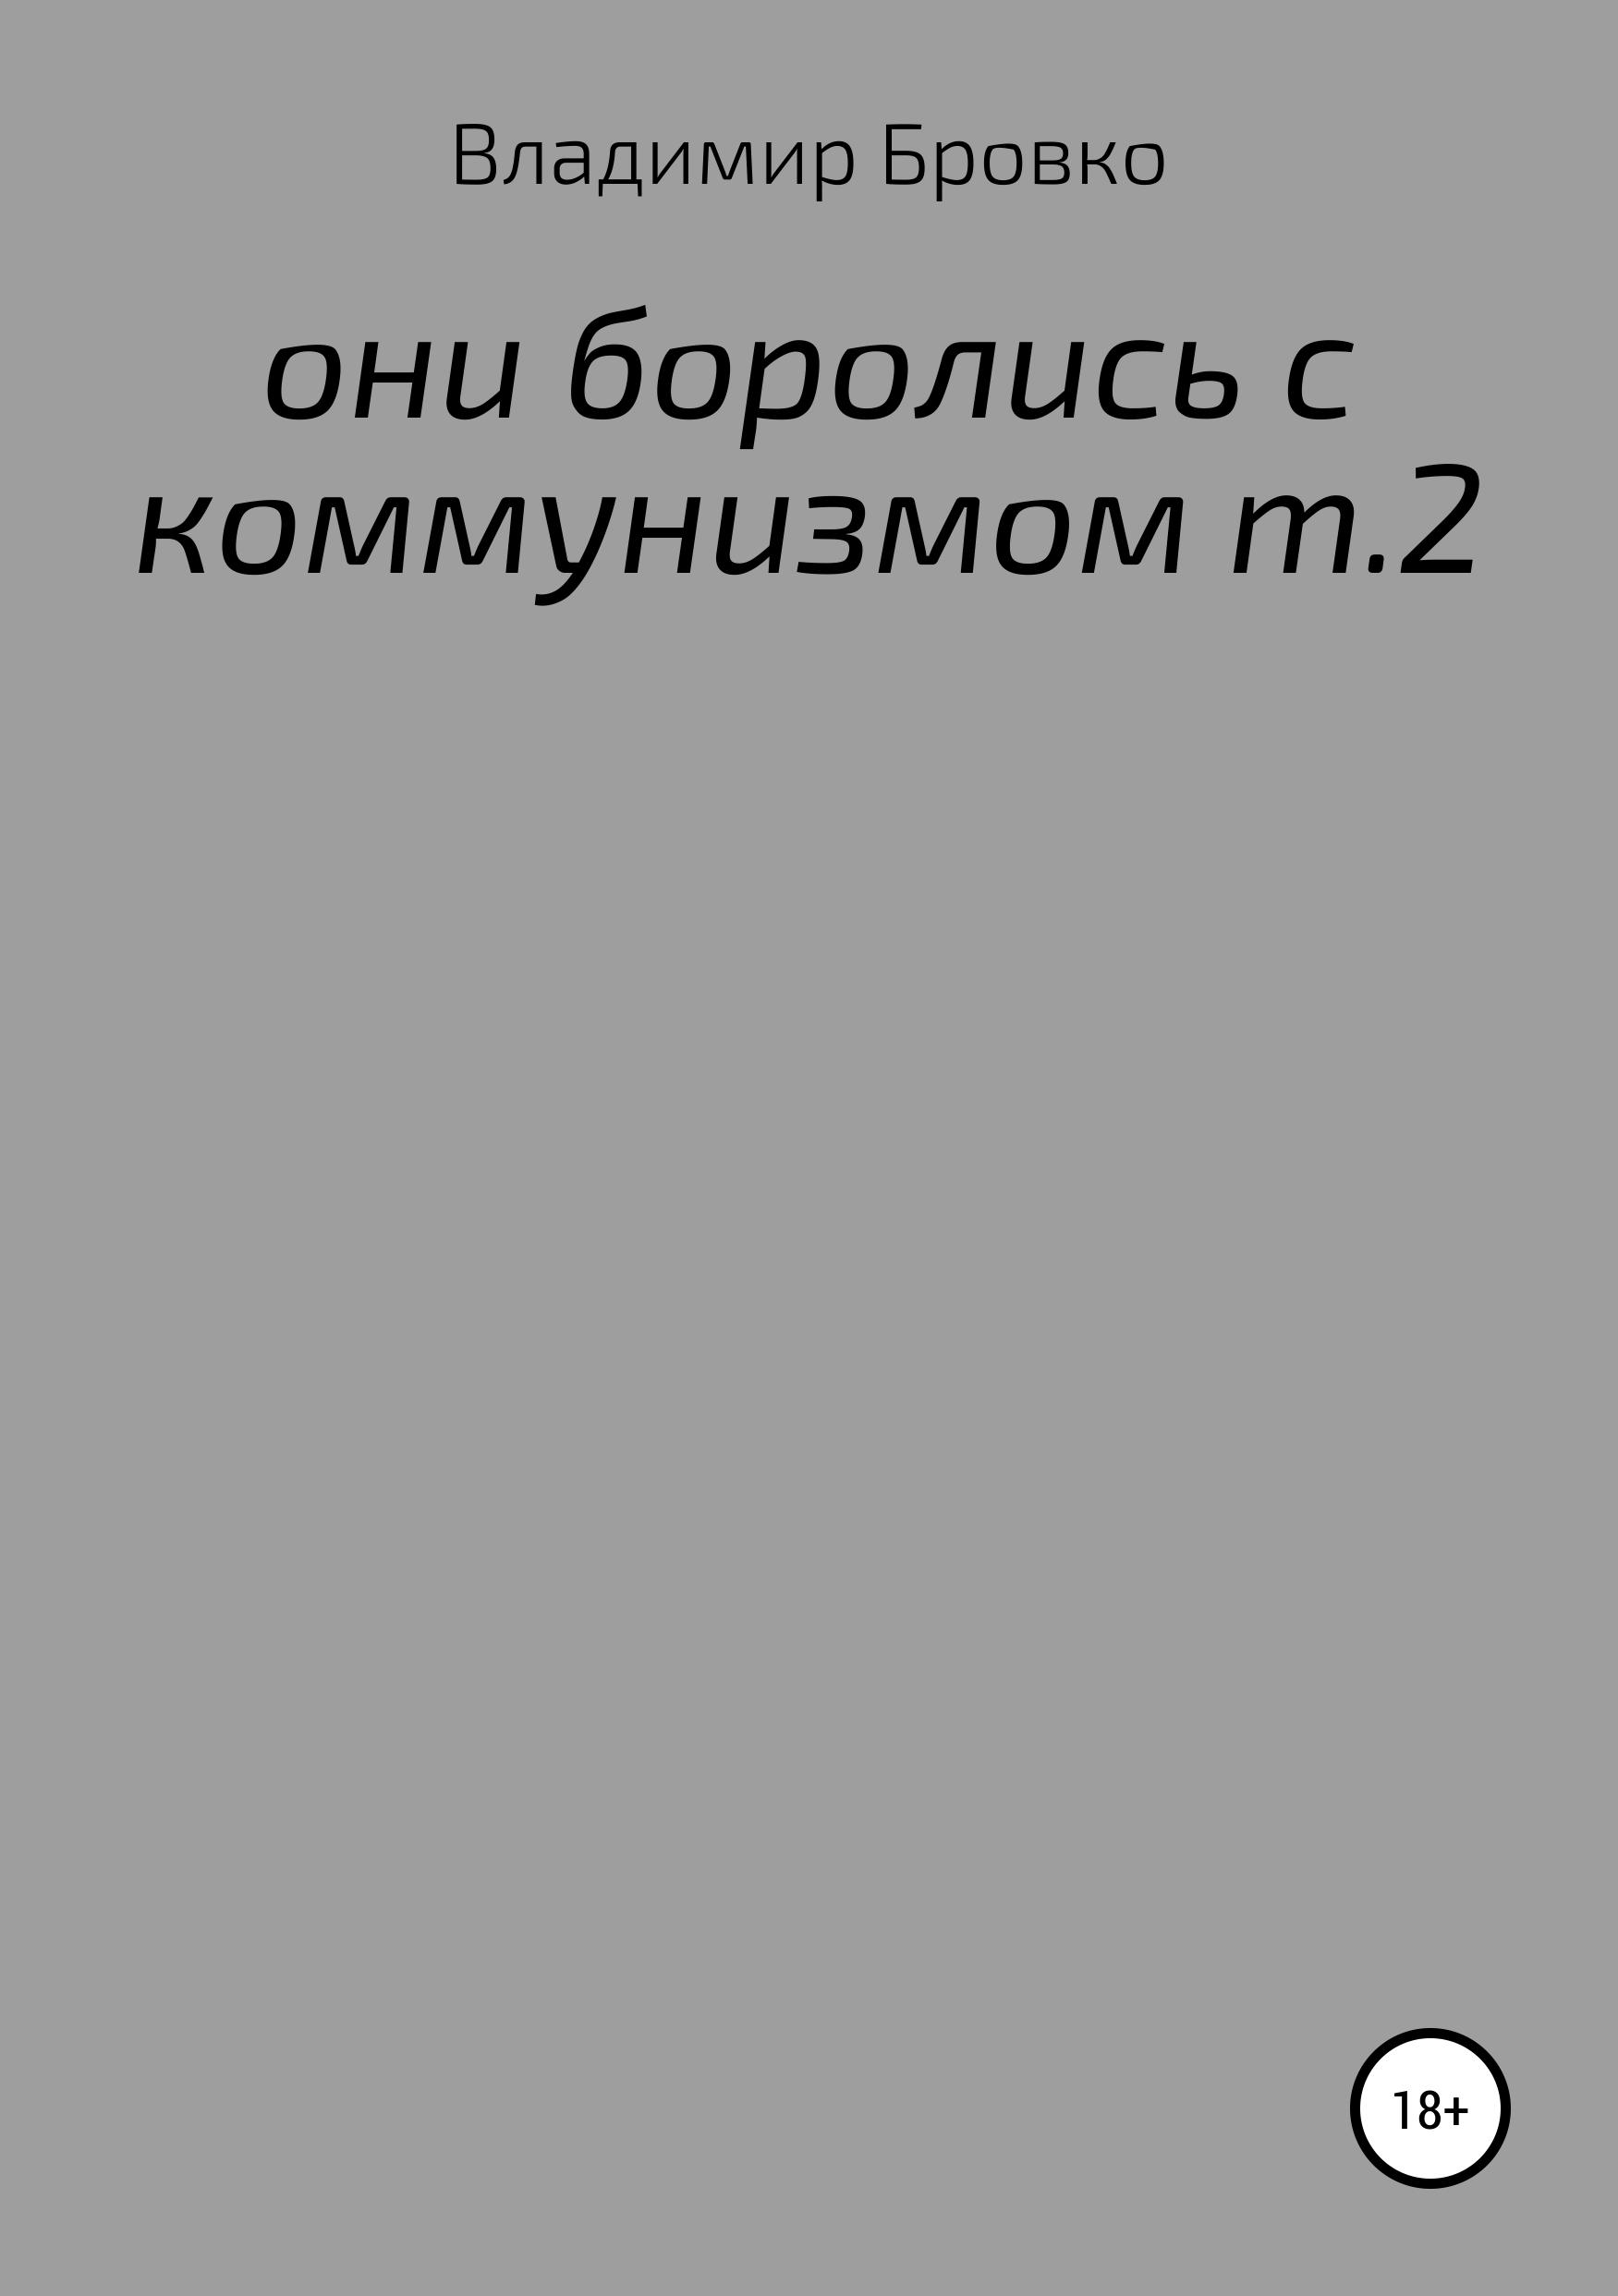 ОНИ БОРОЛИСЬ С КОММУНИЗМОМ Т.2